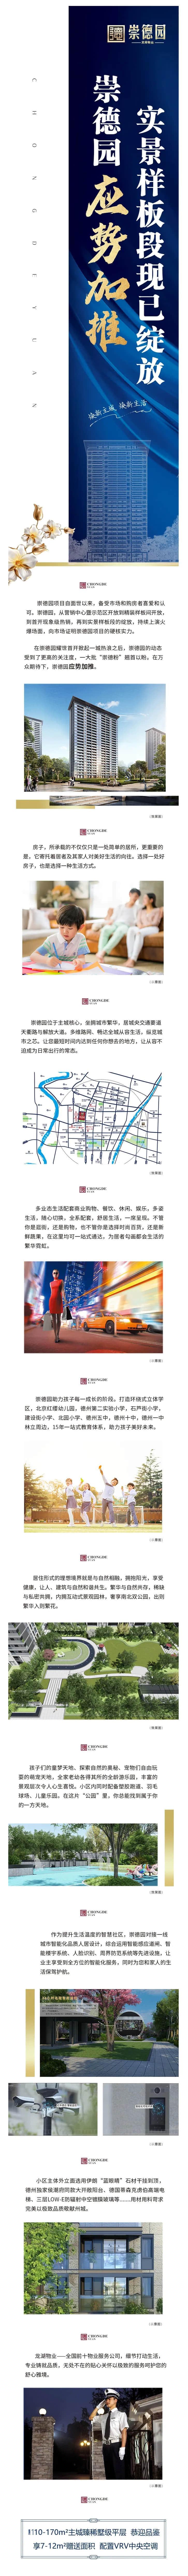 崇德园丨应势加推 实景样板段现已璀璨绽放 恭迎品鉴.jpg